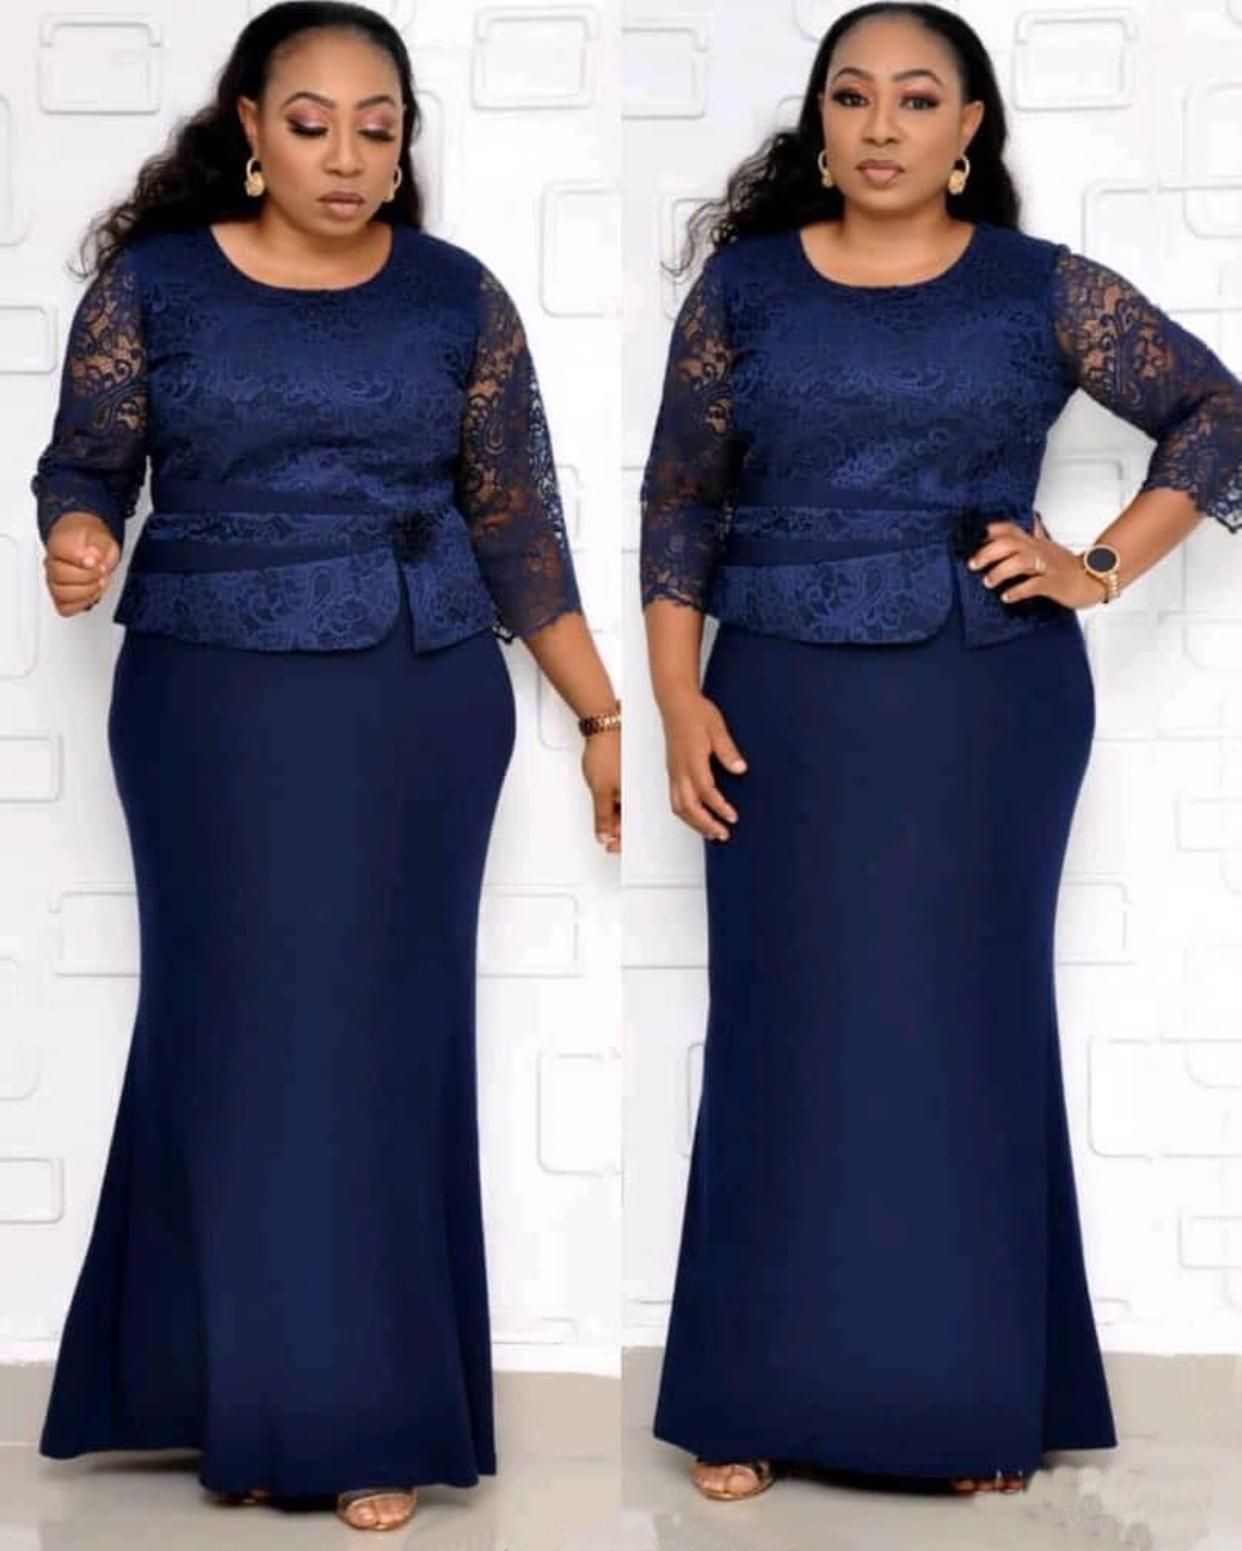 Direct sale african women's dress oversize simple pattern coat two-piece casual big fat suit plus size dresses KC-AM395